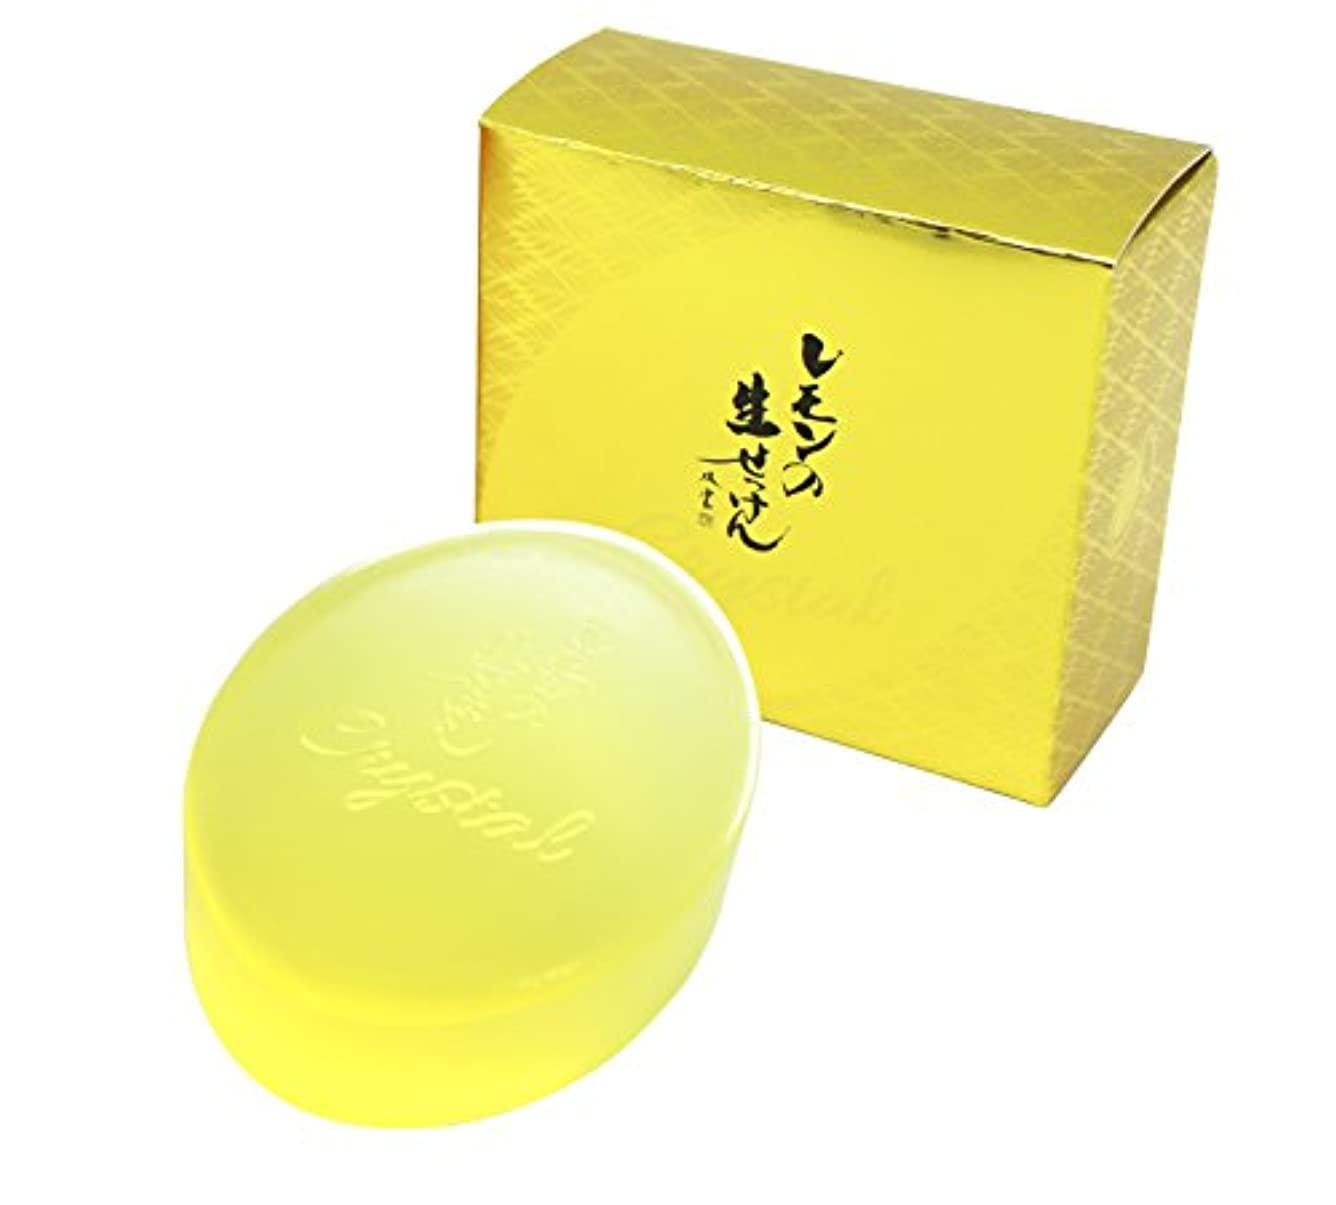 位置づける反射先駆者美香柑 レモンの生せっけん 洗顔石けん 固形タイプ(枠練り) 90g